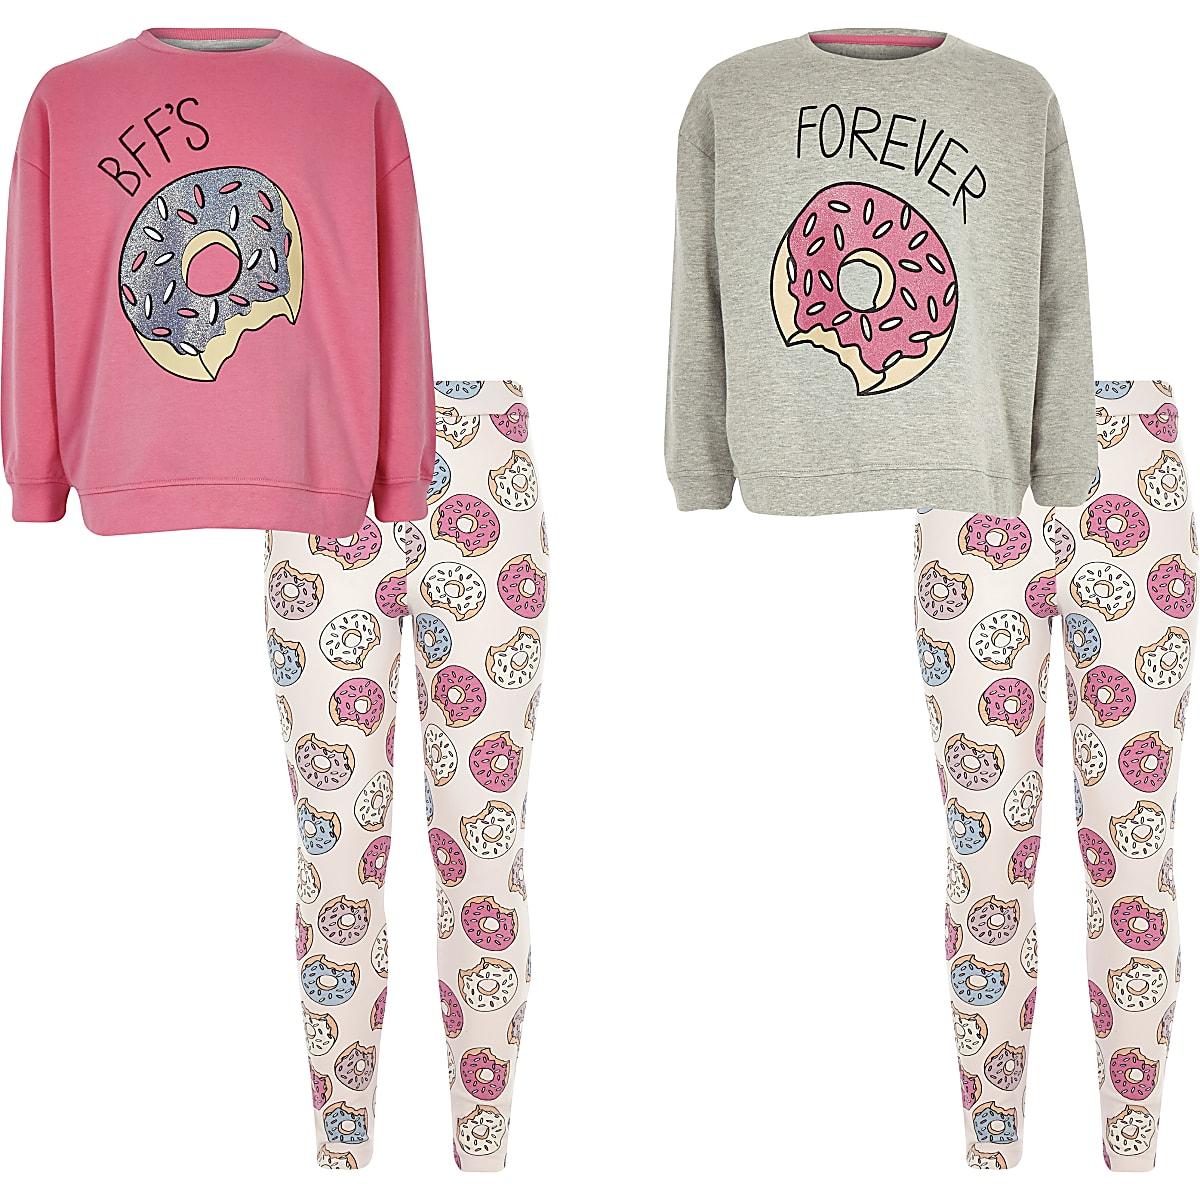 82637de7f1acc Lot de deux pyjamas motif donut et BFF gris pour fille - Pyjamas ...